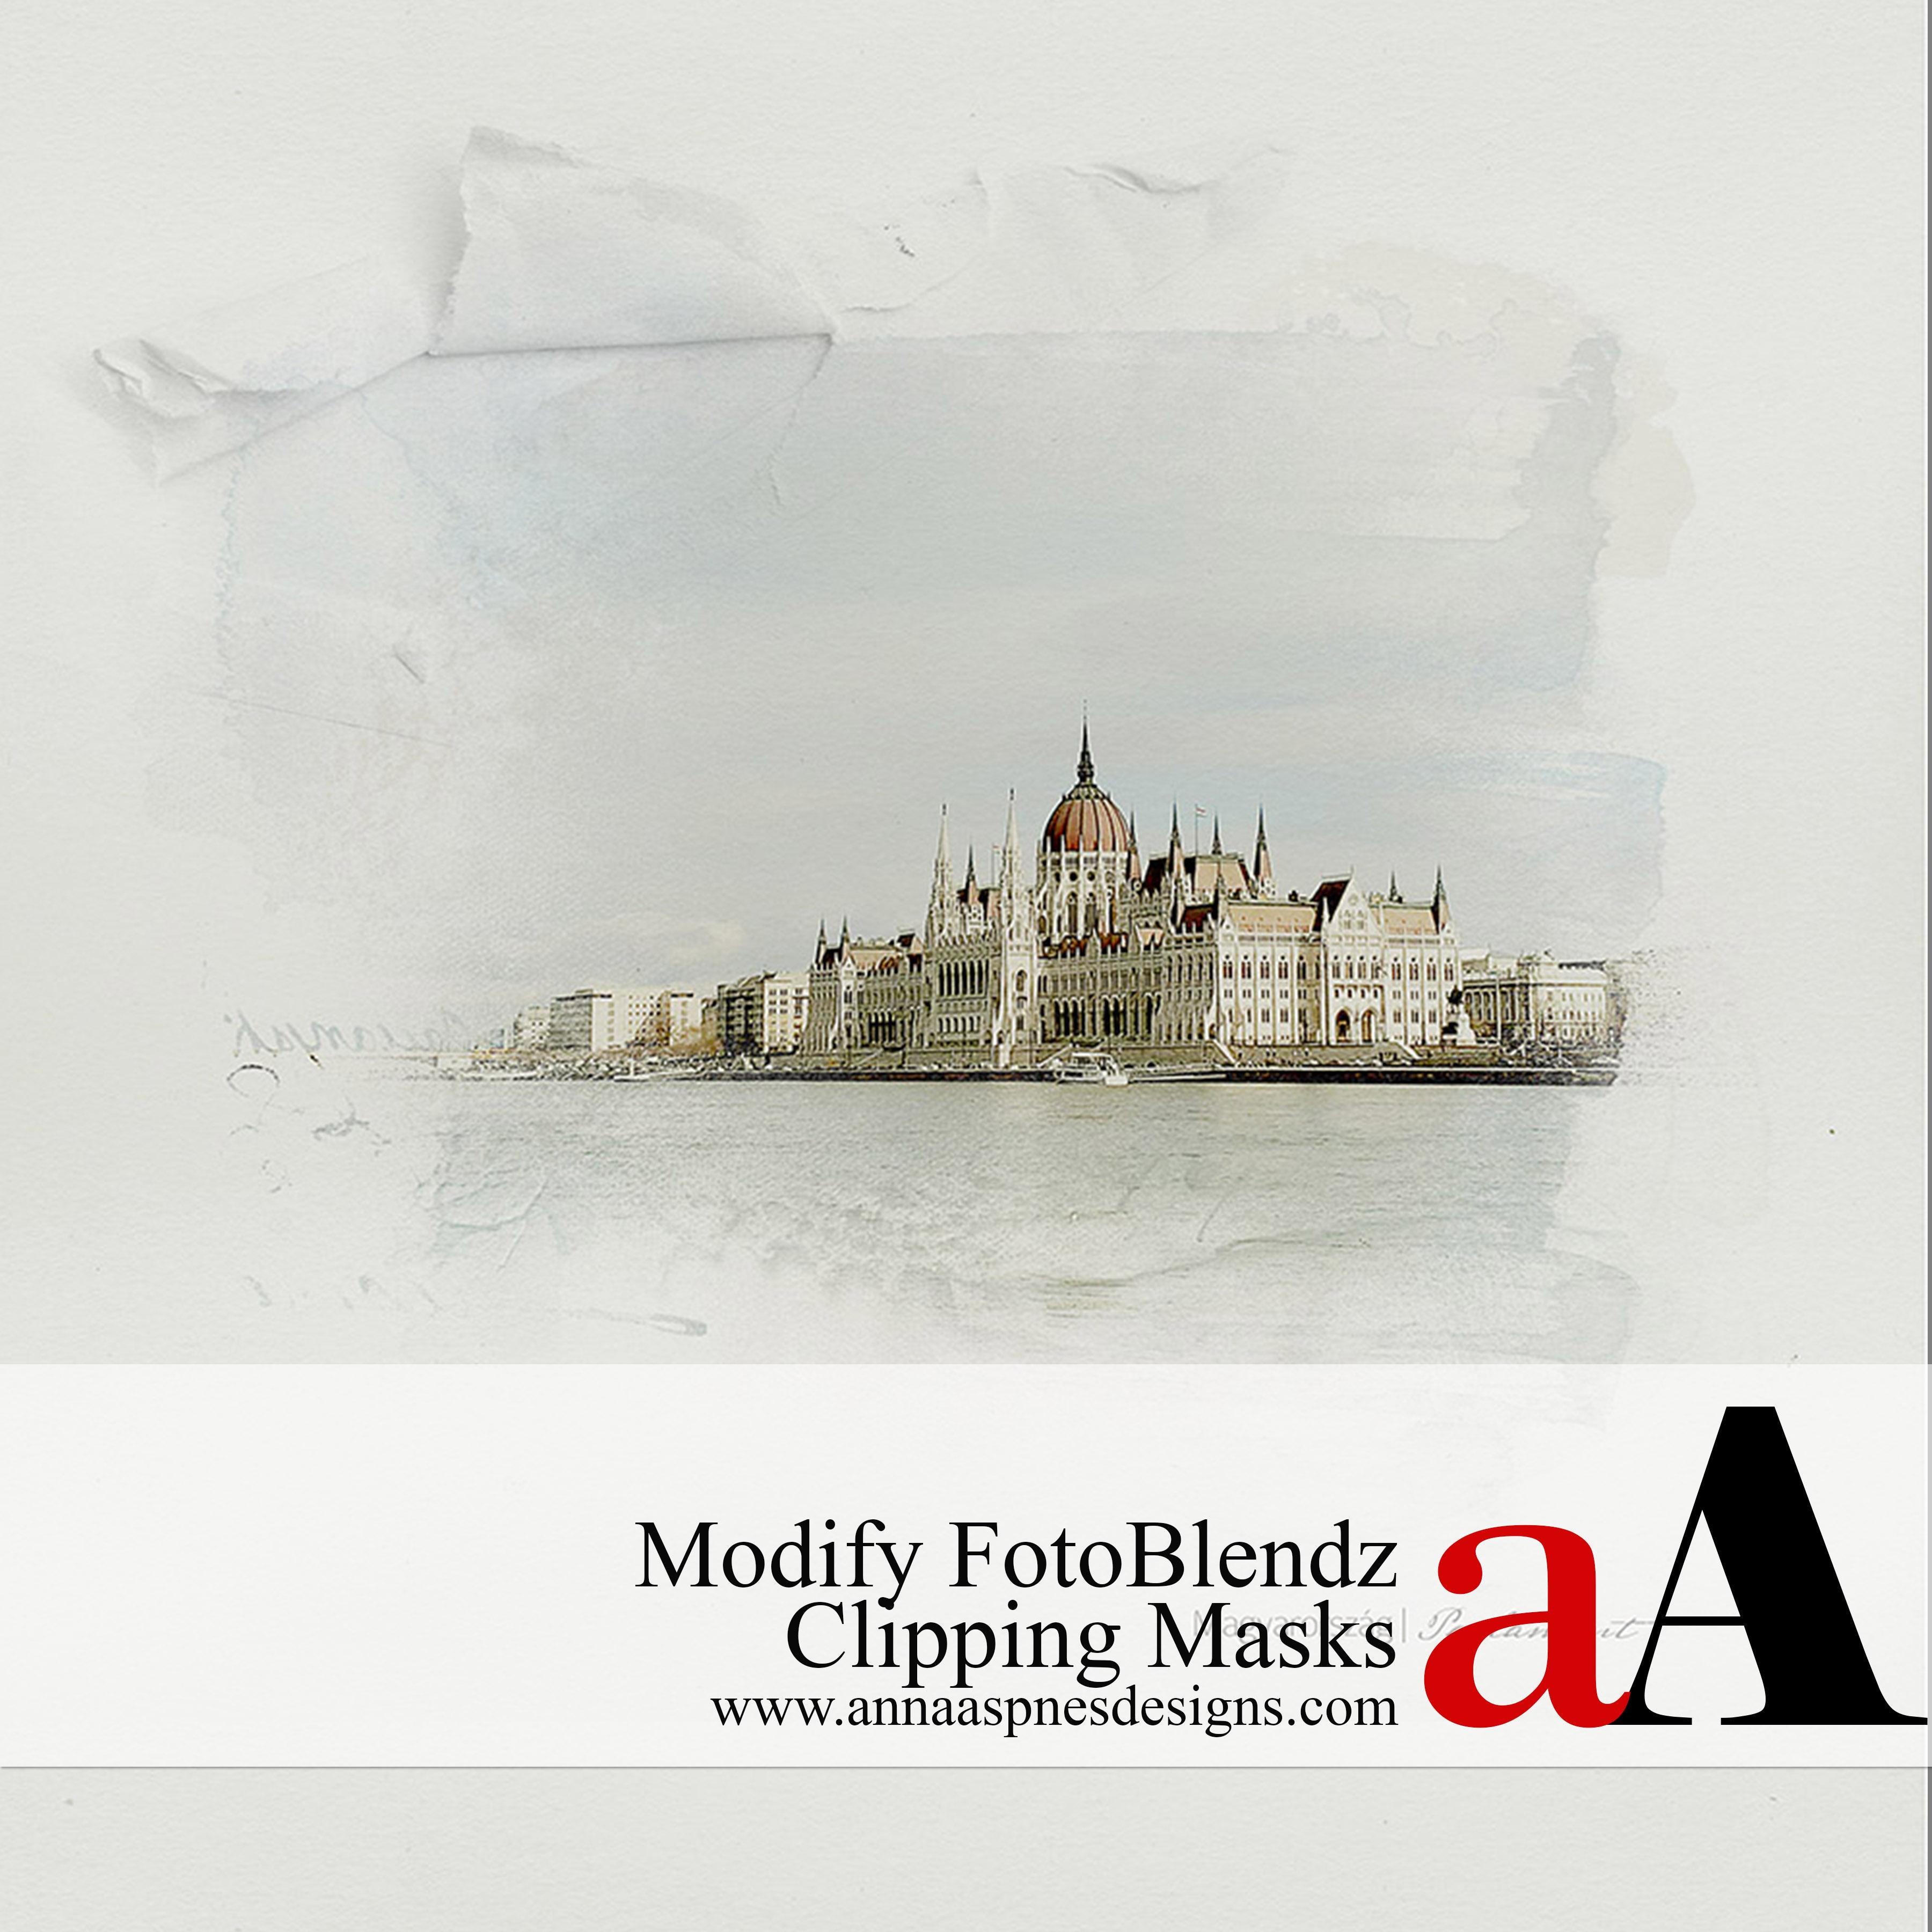 Modify FotoBlendz Clipping Masks